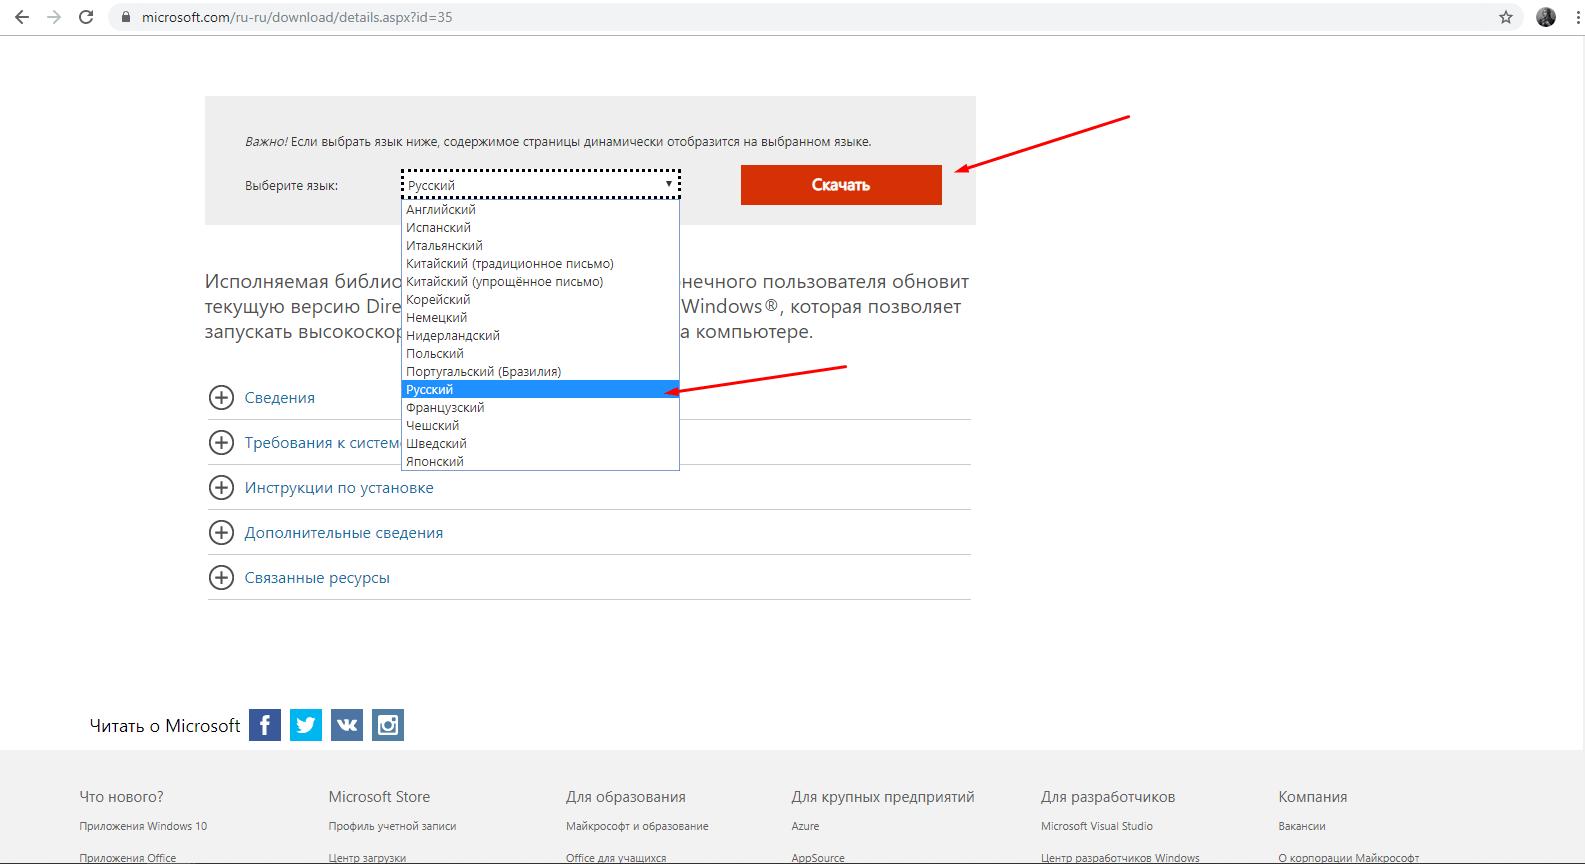 Скачивание DirectX для устранения ошибки с файлом d3dx9_42.dll